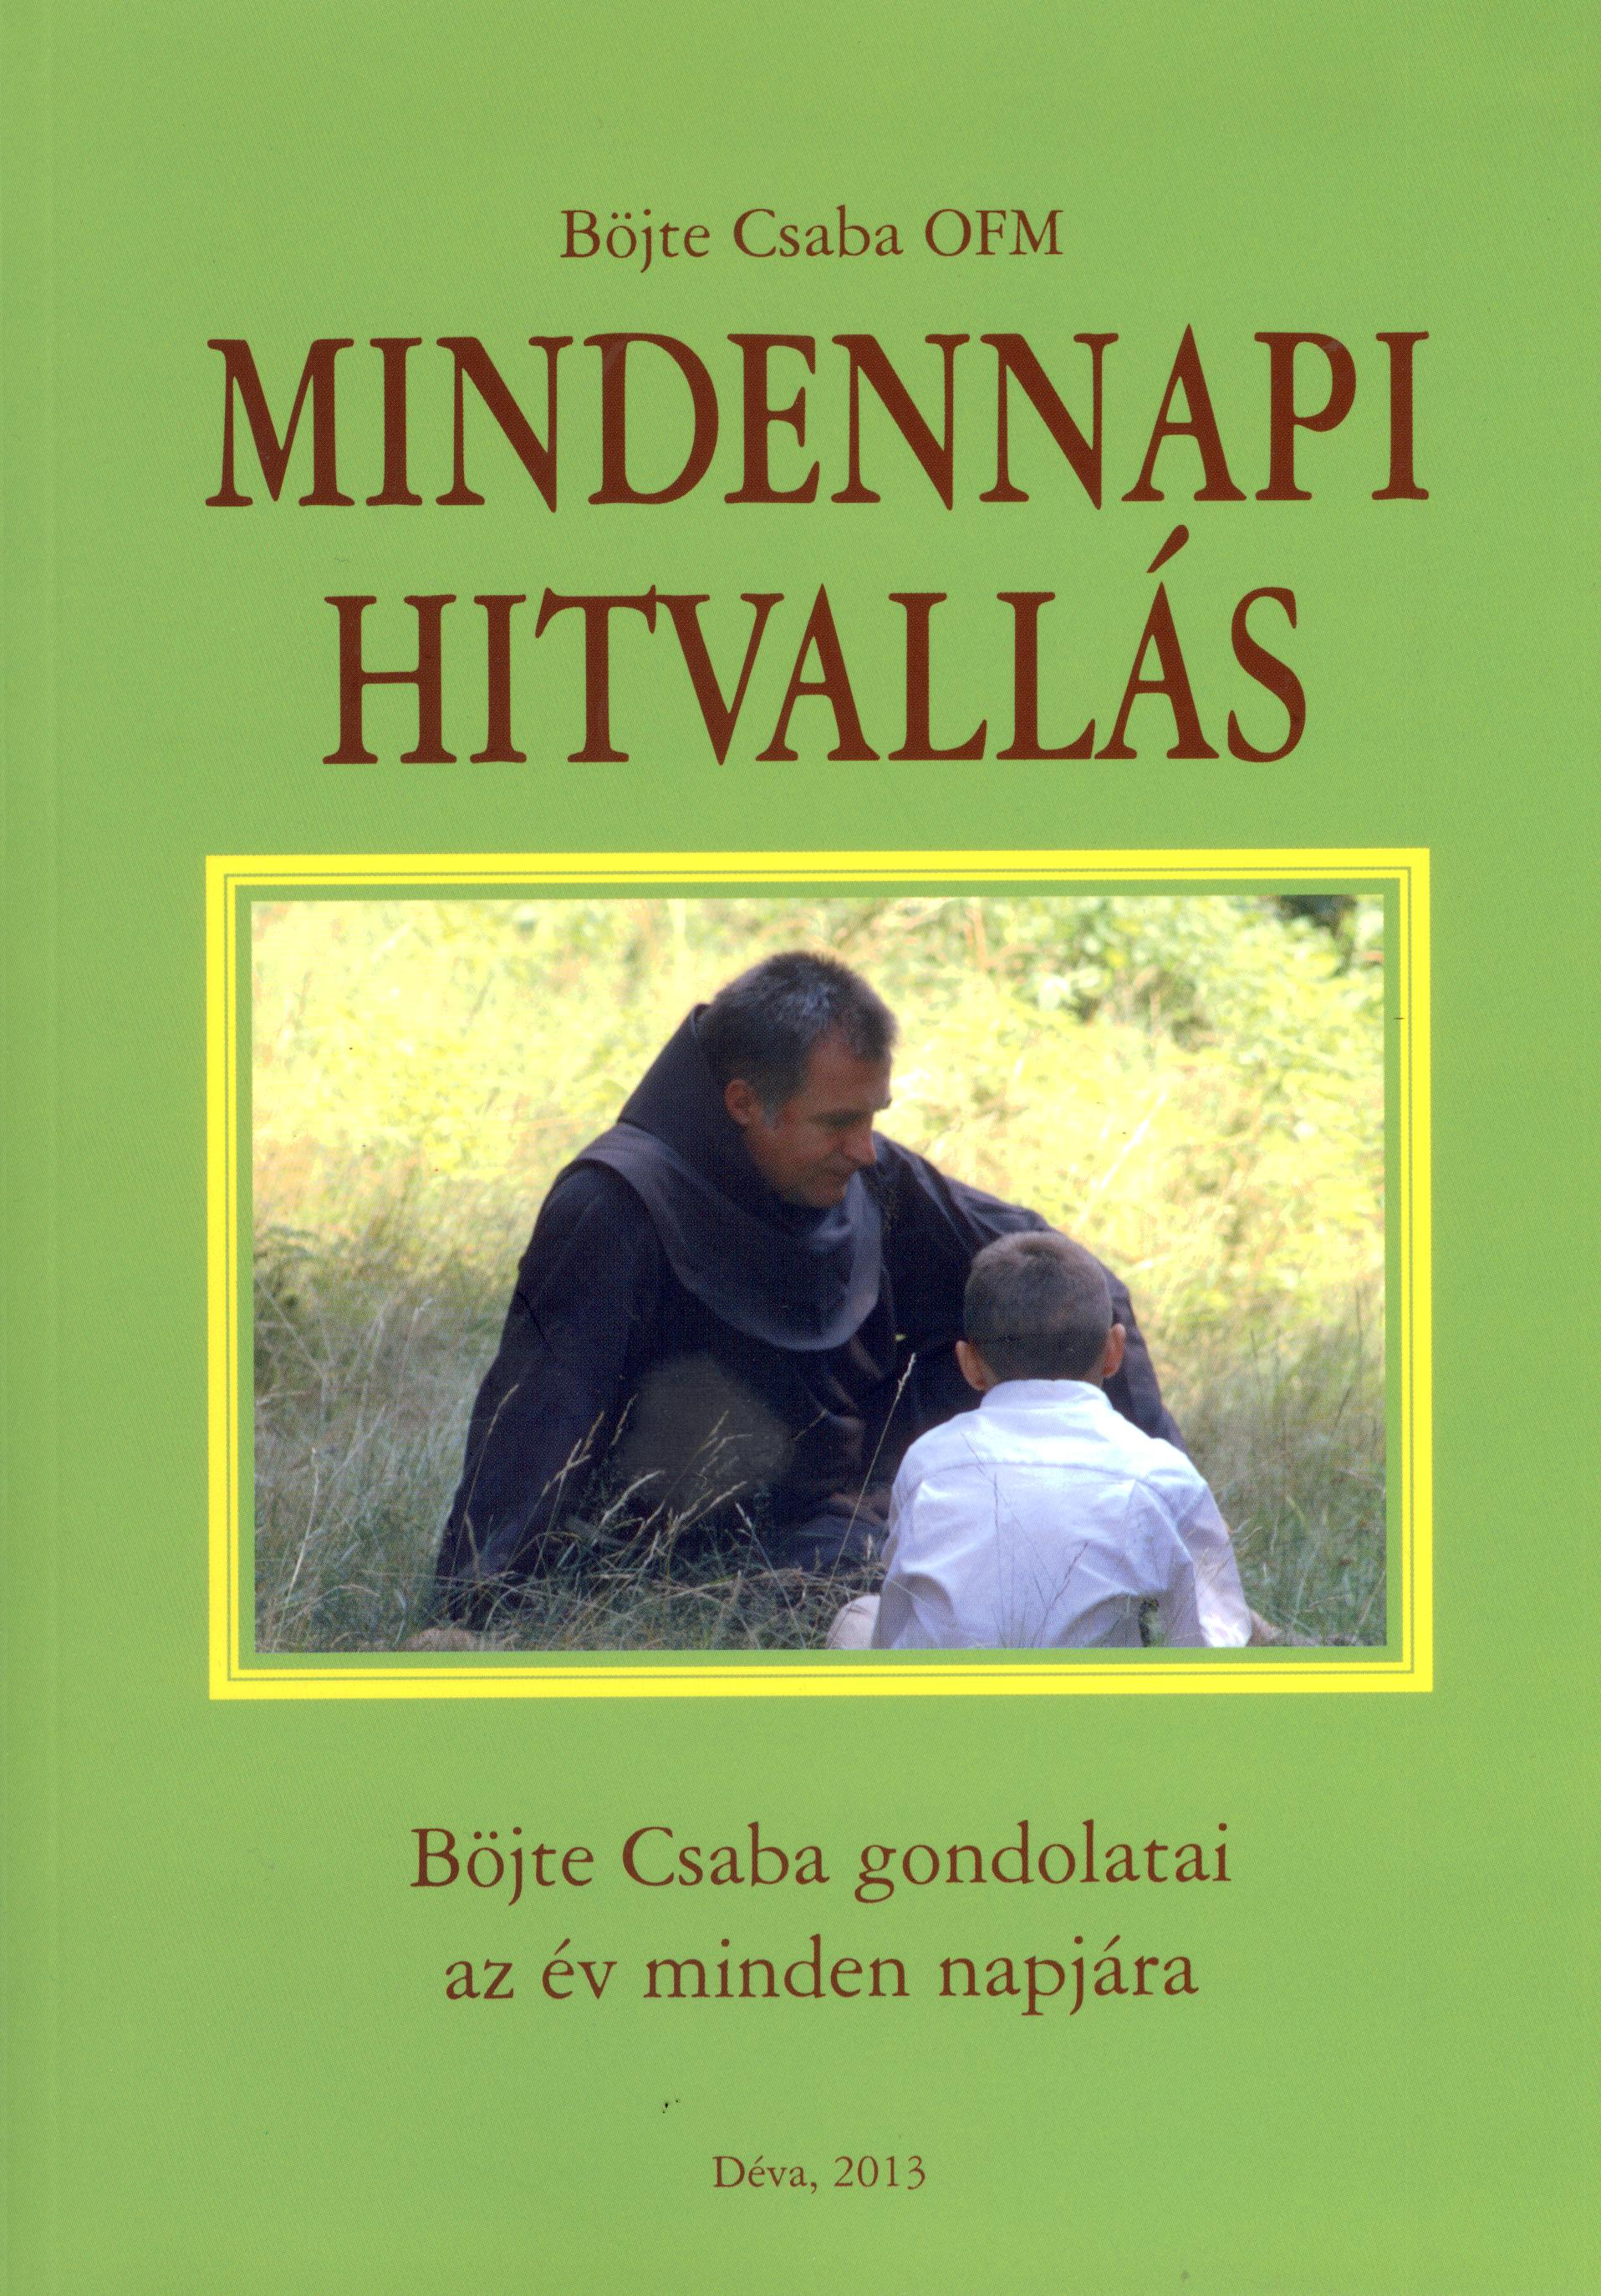 11_Mindennapi_hitvallas